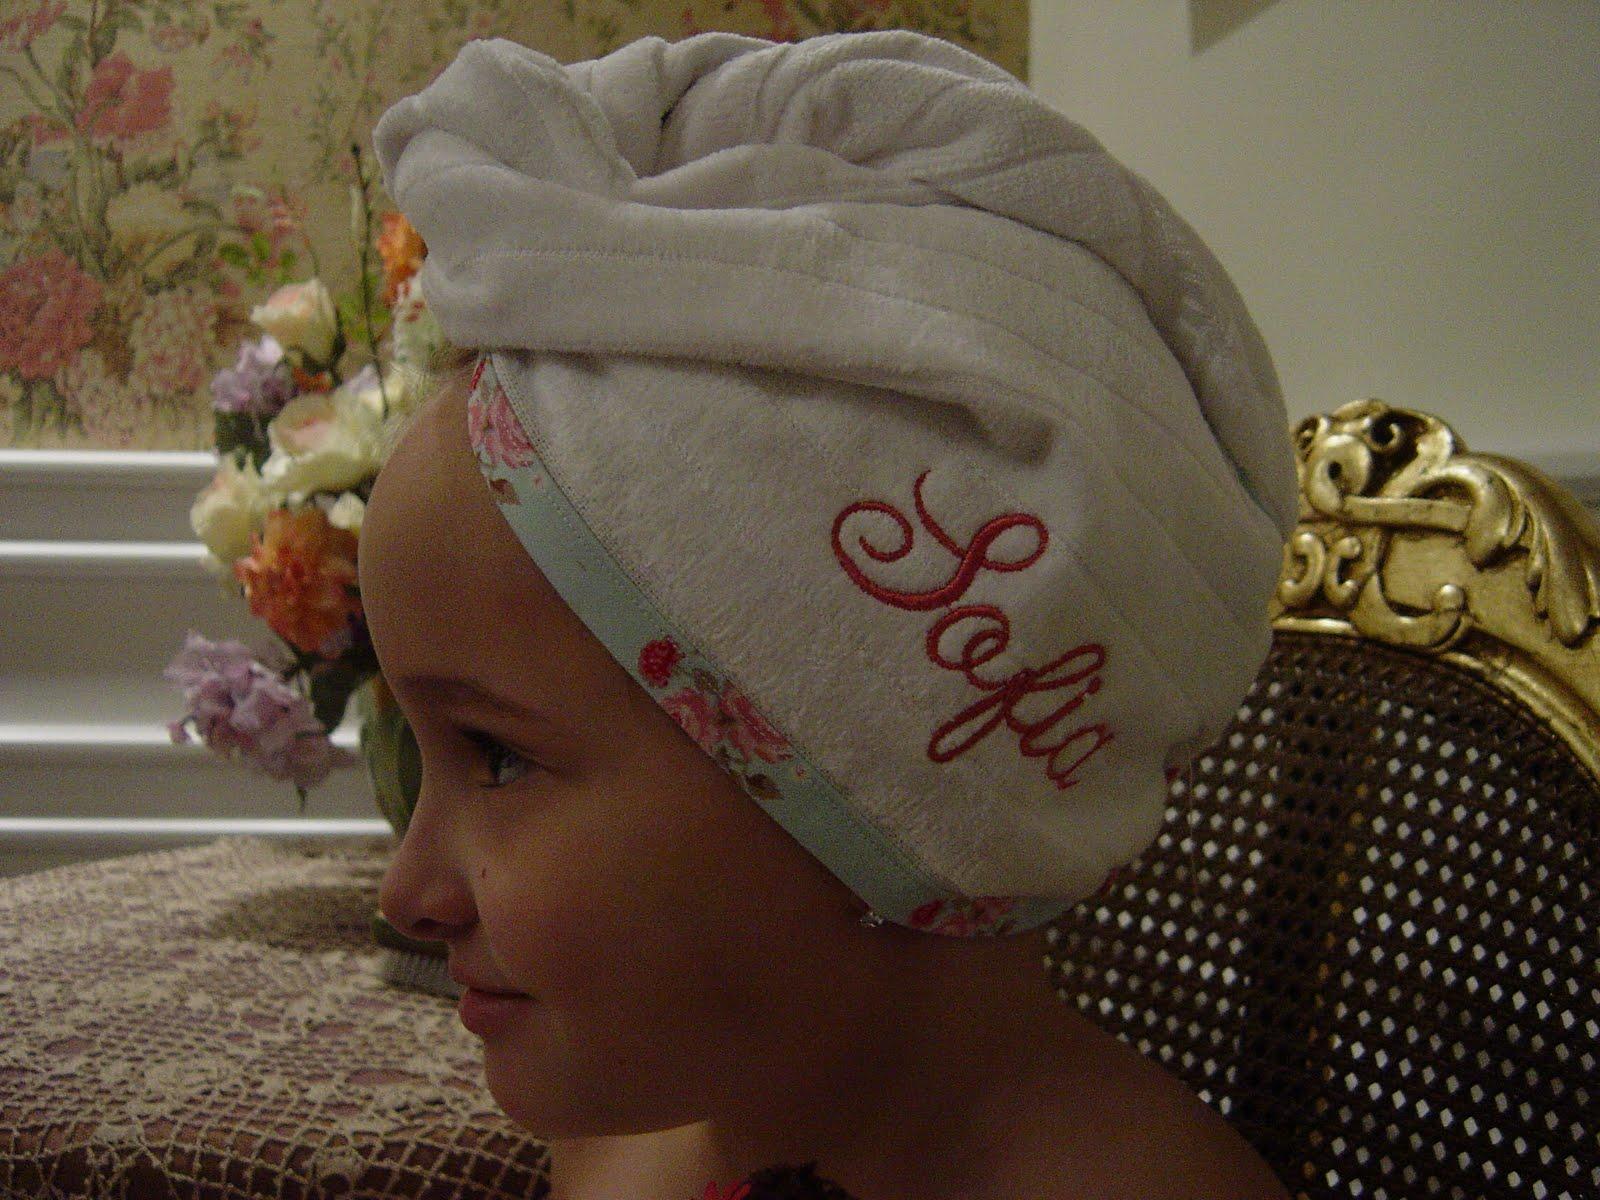 Este kit personalizado de toalha de rosto e banho está fazendo o maior  sucesso com a garotada! É uma ótima opção para presente! 264ad2b384d